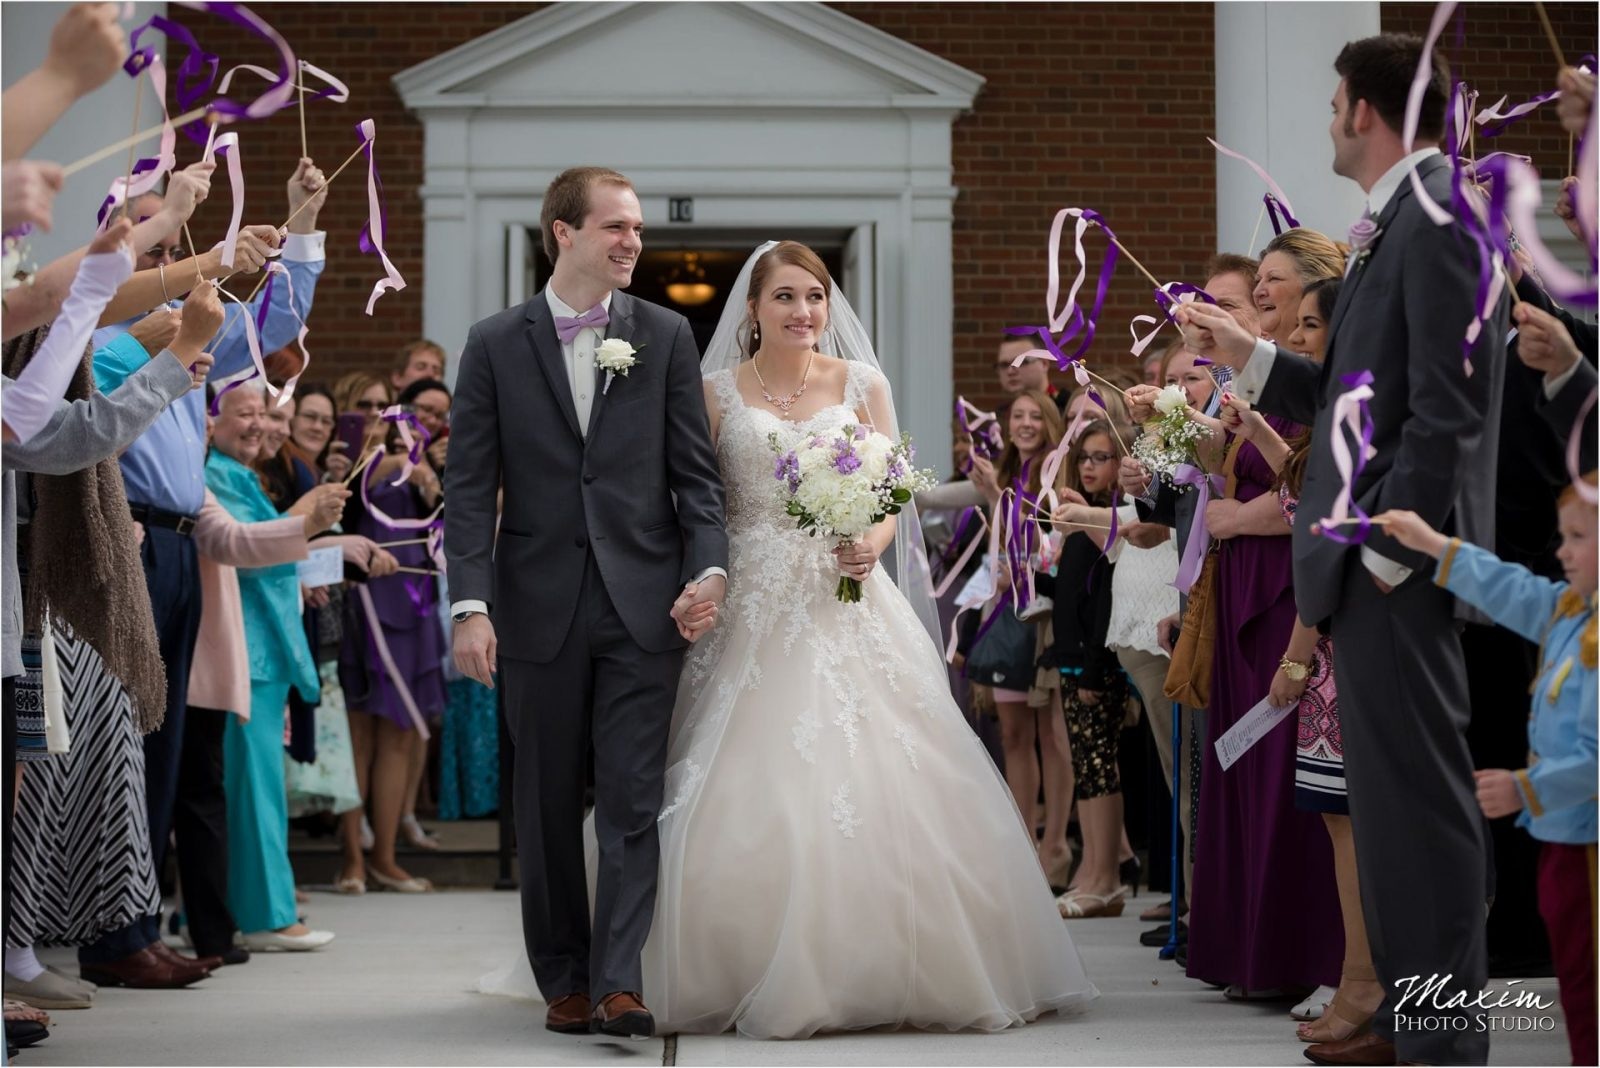 Anderson Hills UMC, Cincinnati Wedding Photography, Wedding Ceremony, Bubble Exit